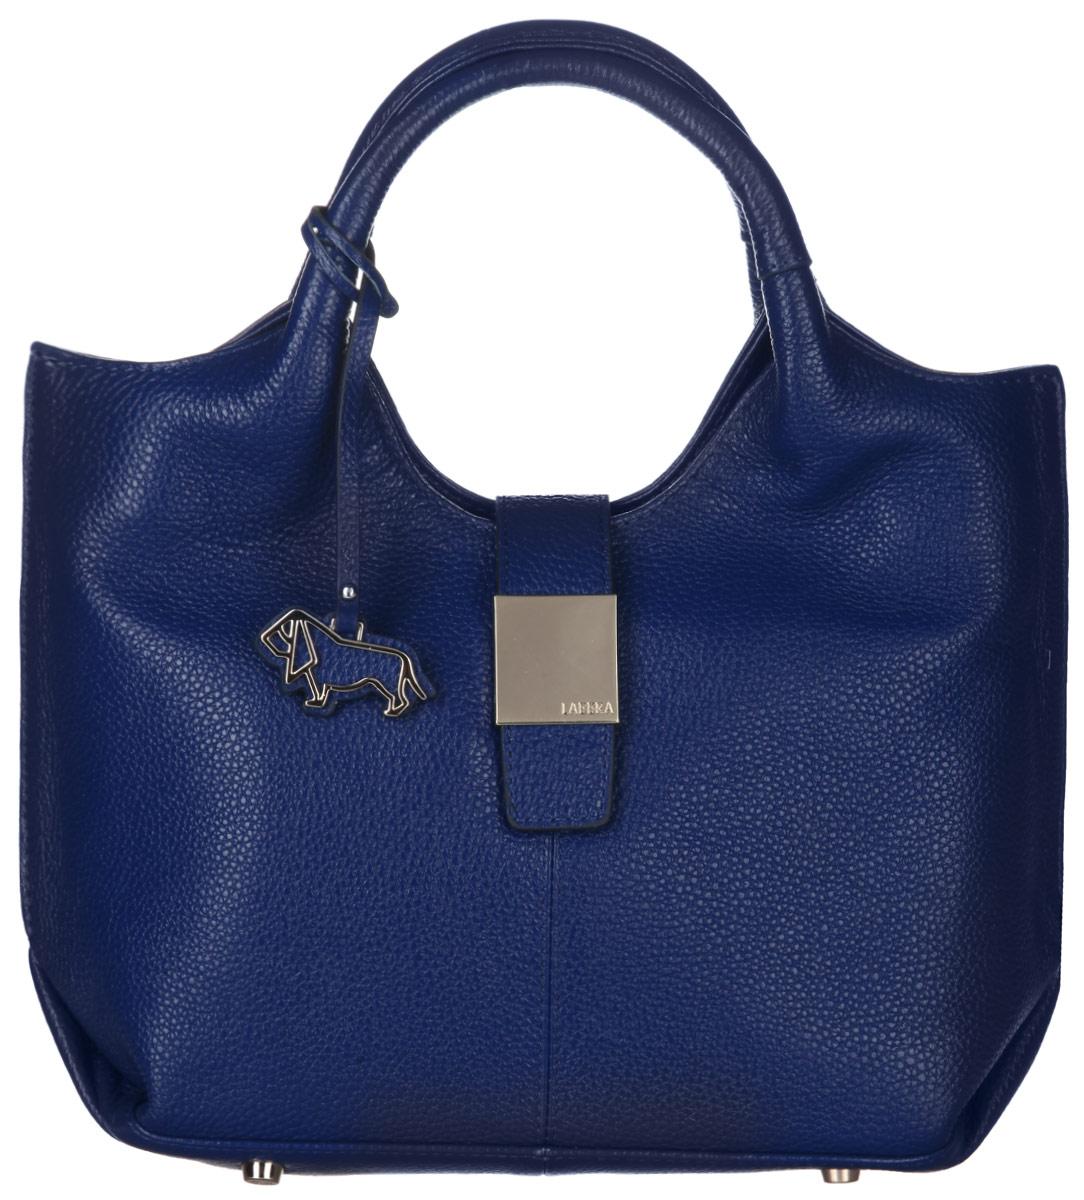 Сумка женская Labbra, цвет: синий. L-DL90391-1L-DL90391-1Стильная сумка Labbra изготовлена из натуральной кожи с зернистой фактурой, оформлена декоративной подвеской. Изделие содержит одно основное отделение, закрывающееся застежку-молнию и дополнительно хлястиком на магнитную кнопку. Внутри расположены четыре накладных кармашка для мелочей, один из которых закрывается на молнию, врезной карман на молнии. Задняя сторона сумки дополнена врезным карманом на молнии. Изделие оснащено двумя практичными ручками и съемным плечевым ремнем регулируемой длины. Дно изделия дополнено металлическими ножками. Оригинальный аксессуар позволит вам завершить образ и быть неотразимой.